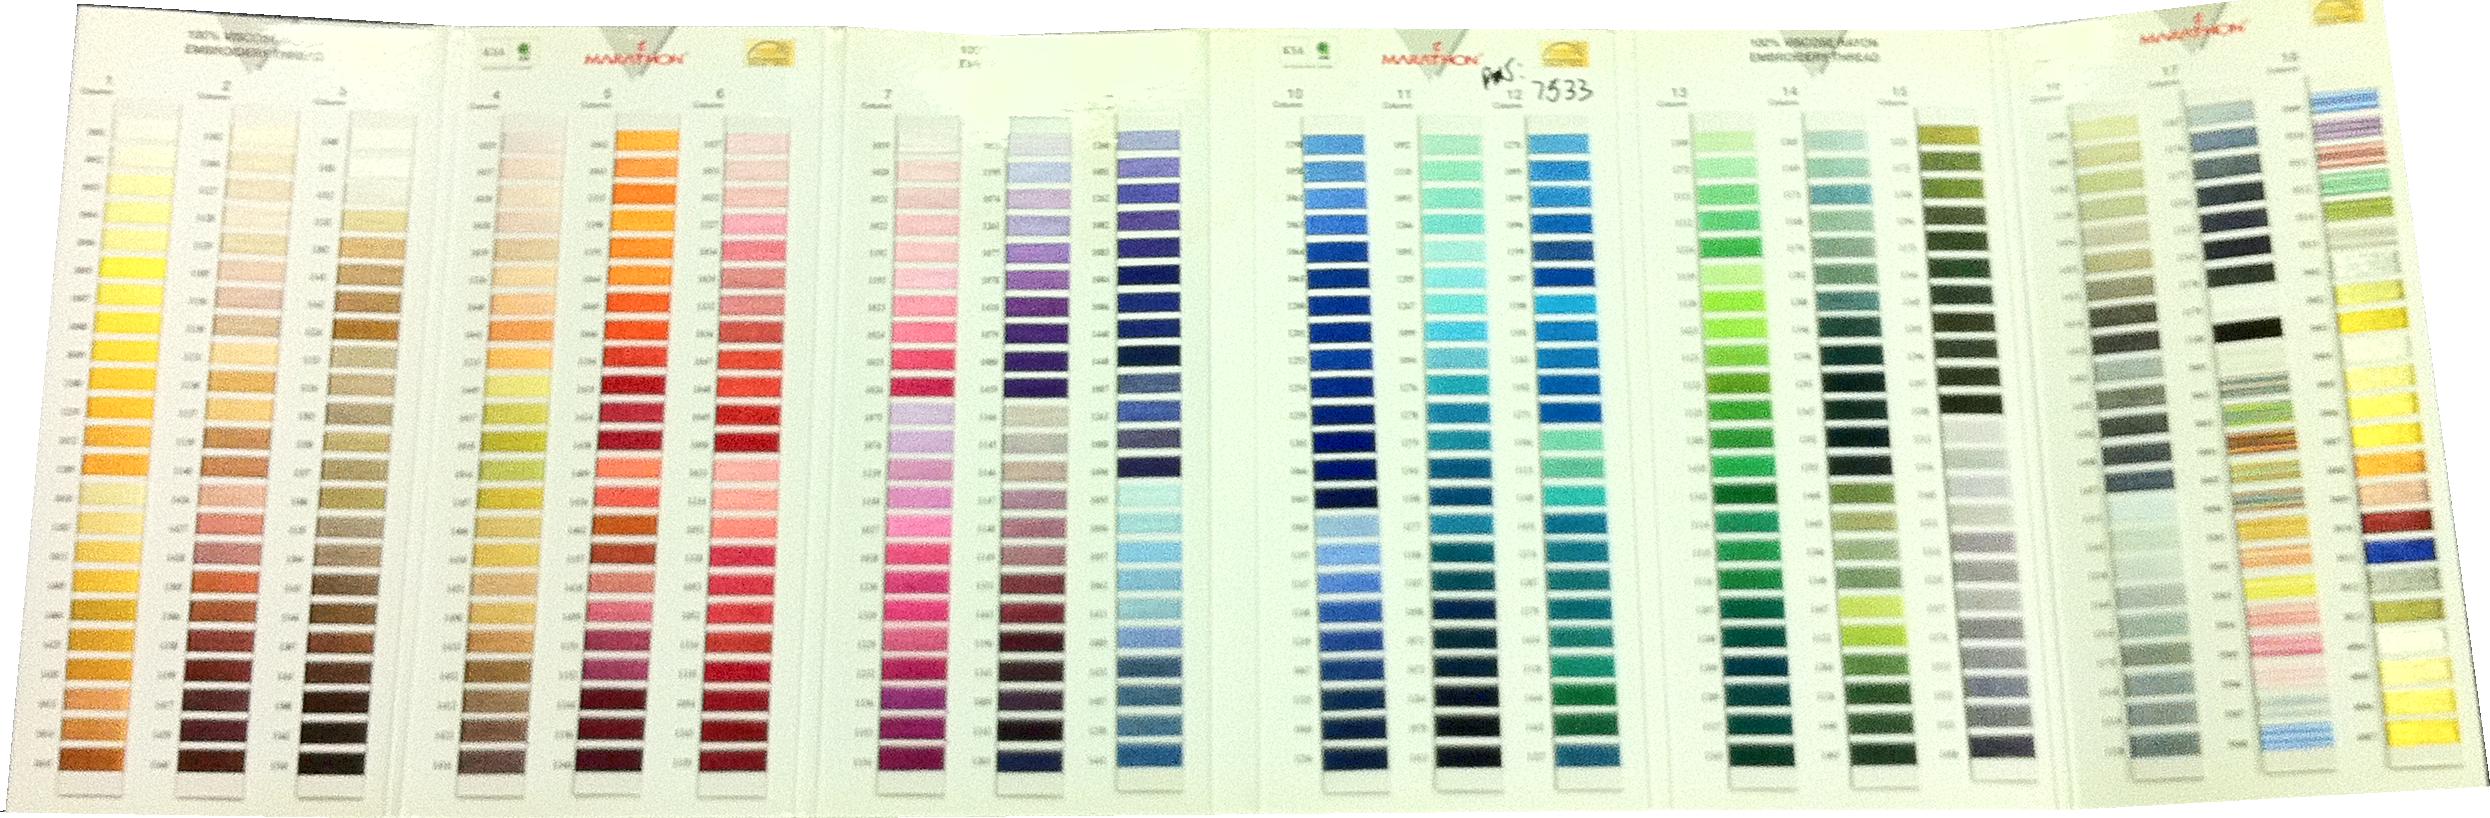 Pantone Color Book